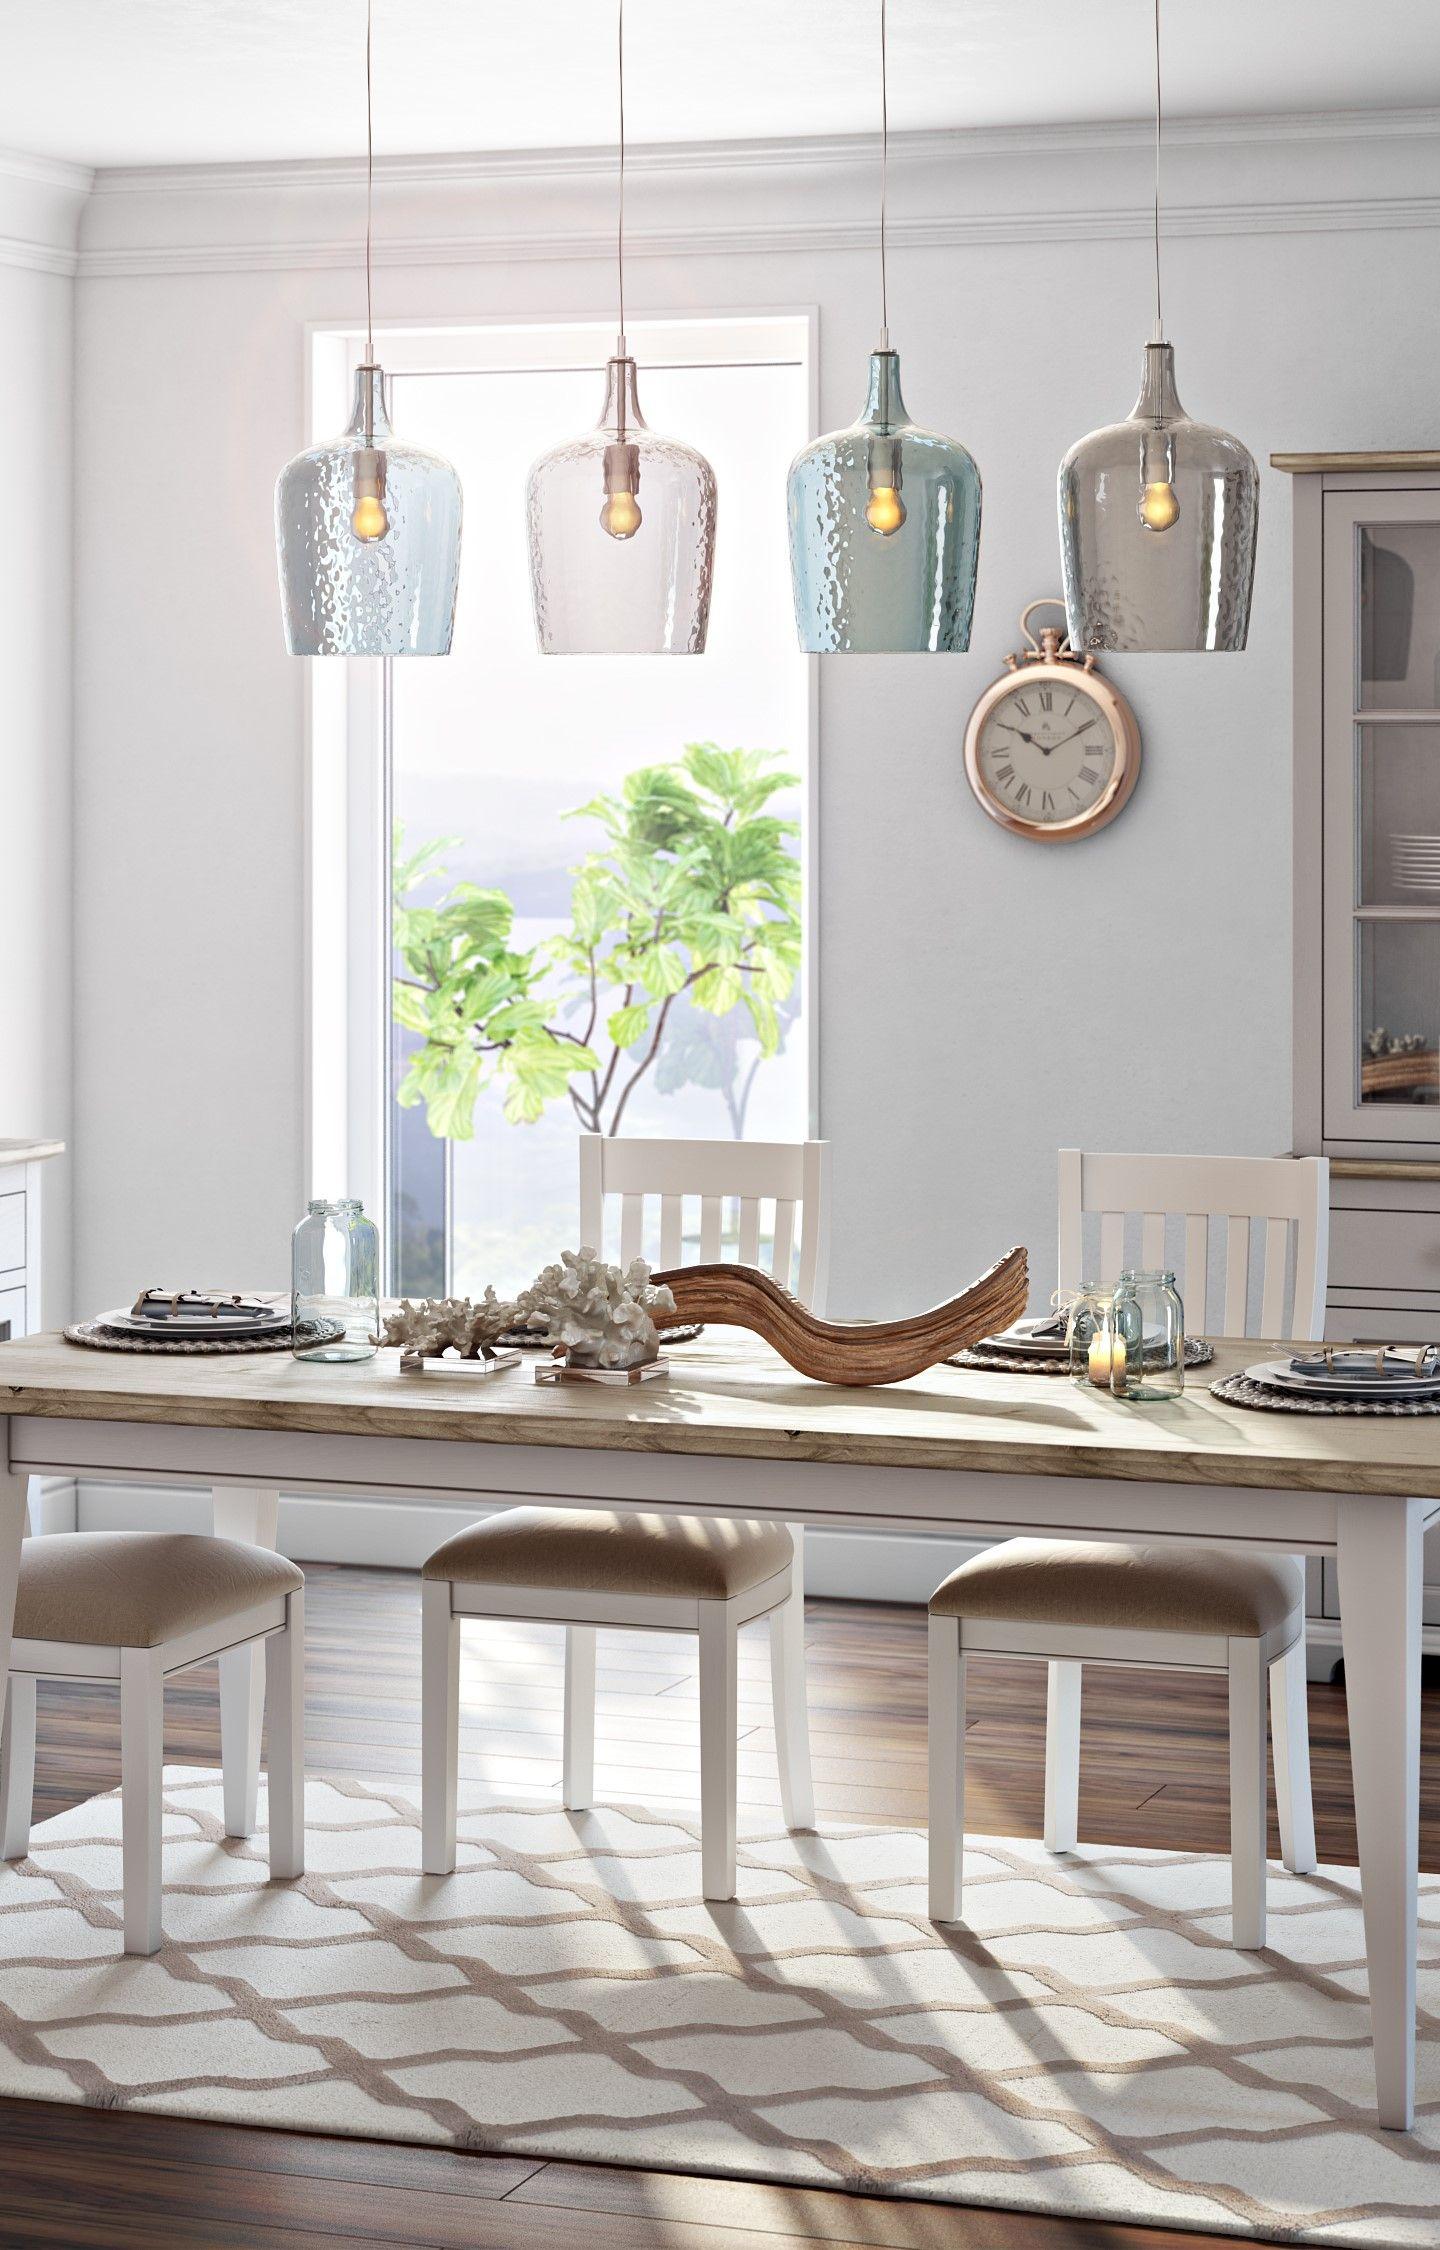 Verkehrte Pendelleuchte Aus Glas In Transparentem Blau Für Eine Stylische  Beleuchtung über Dem Esstisch